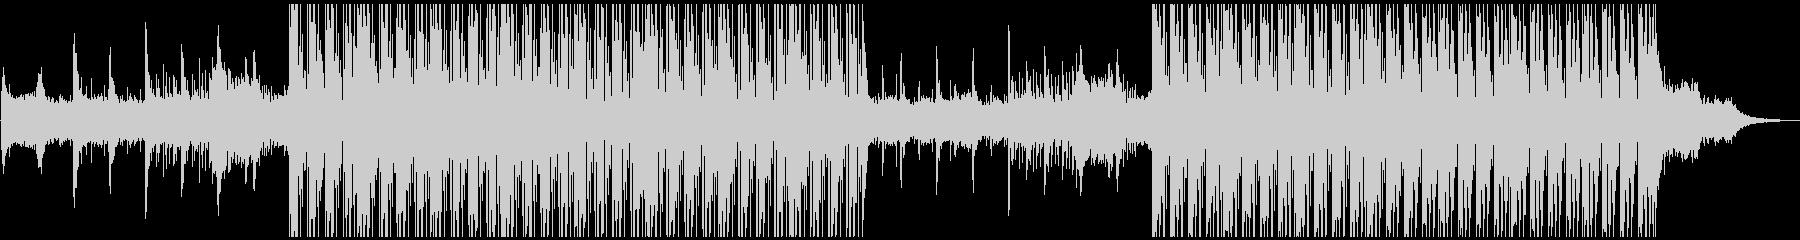 電子ドラムマシンのバックグラウンド...の未再生の波形